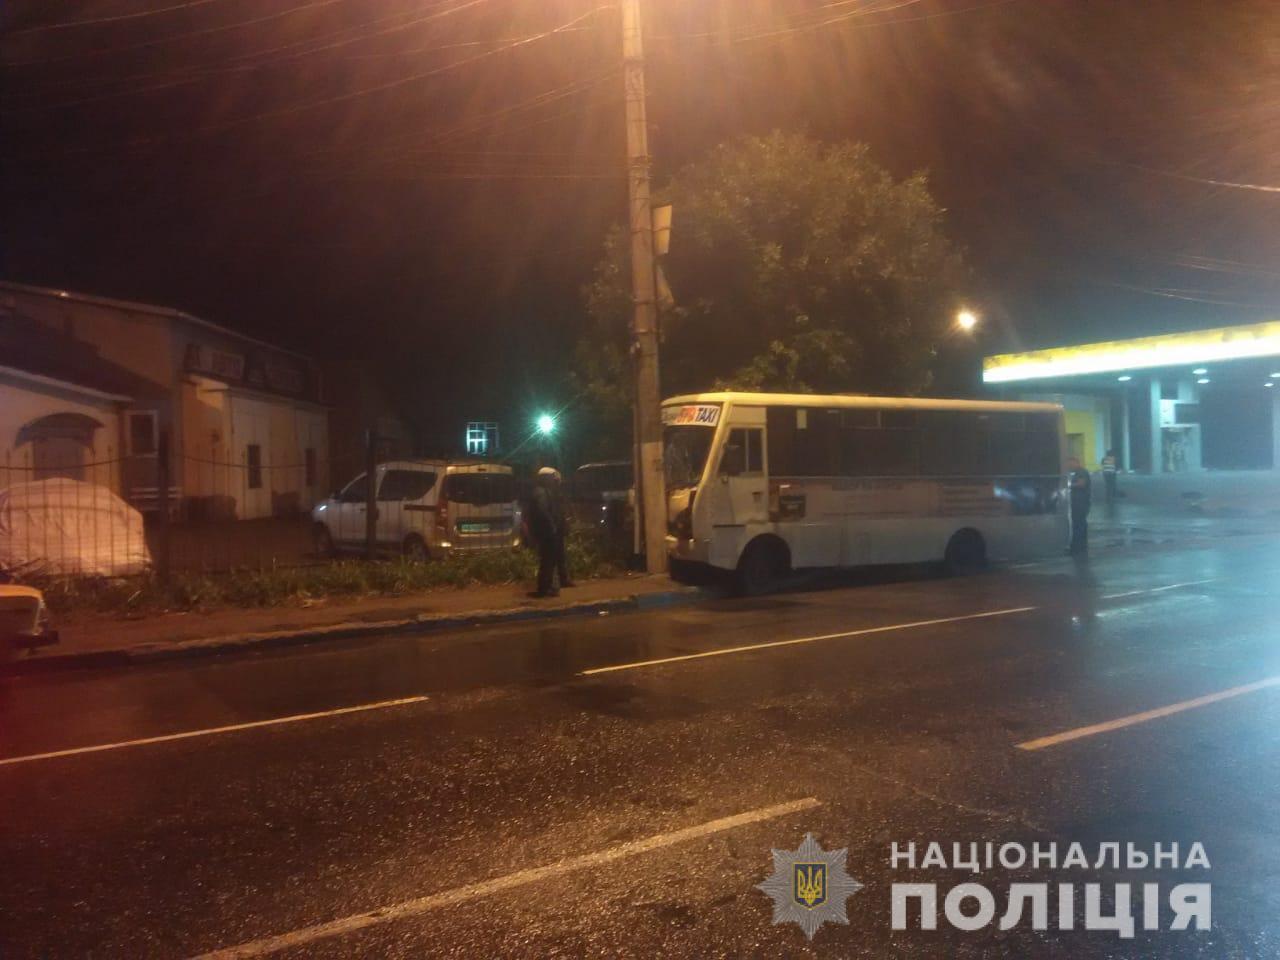 В Одессе маршрутка врезалась в столб: пострадали дети